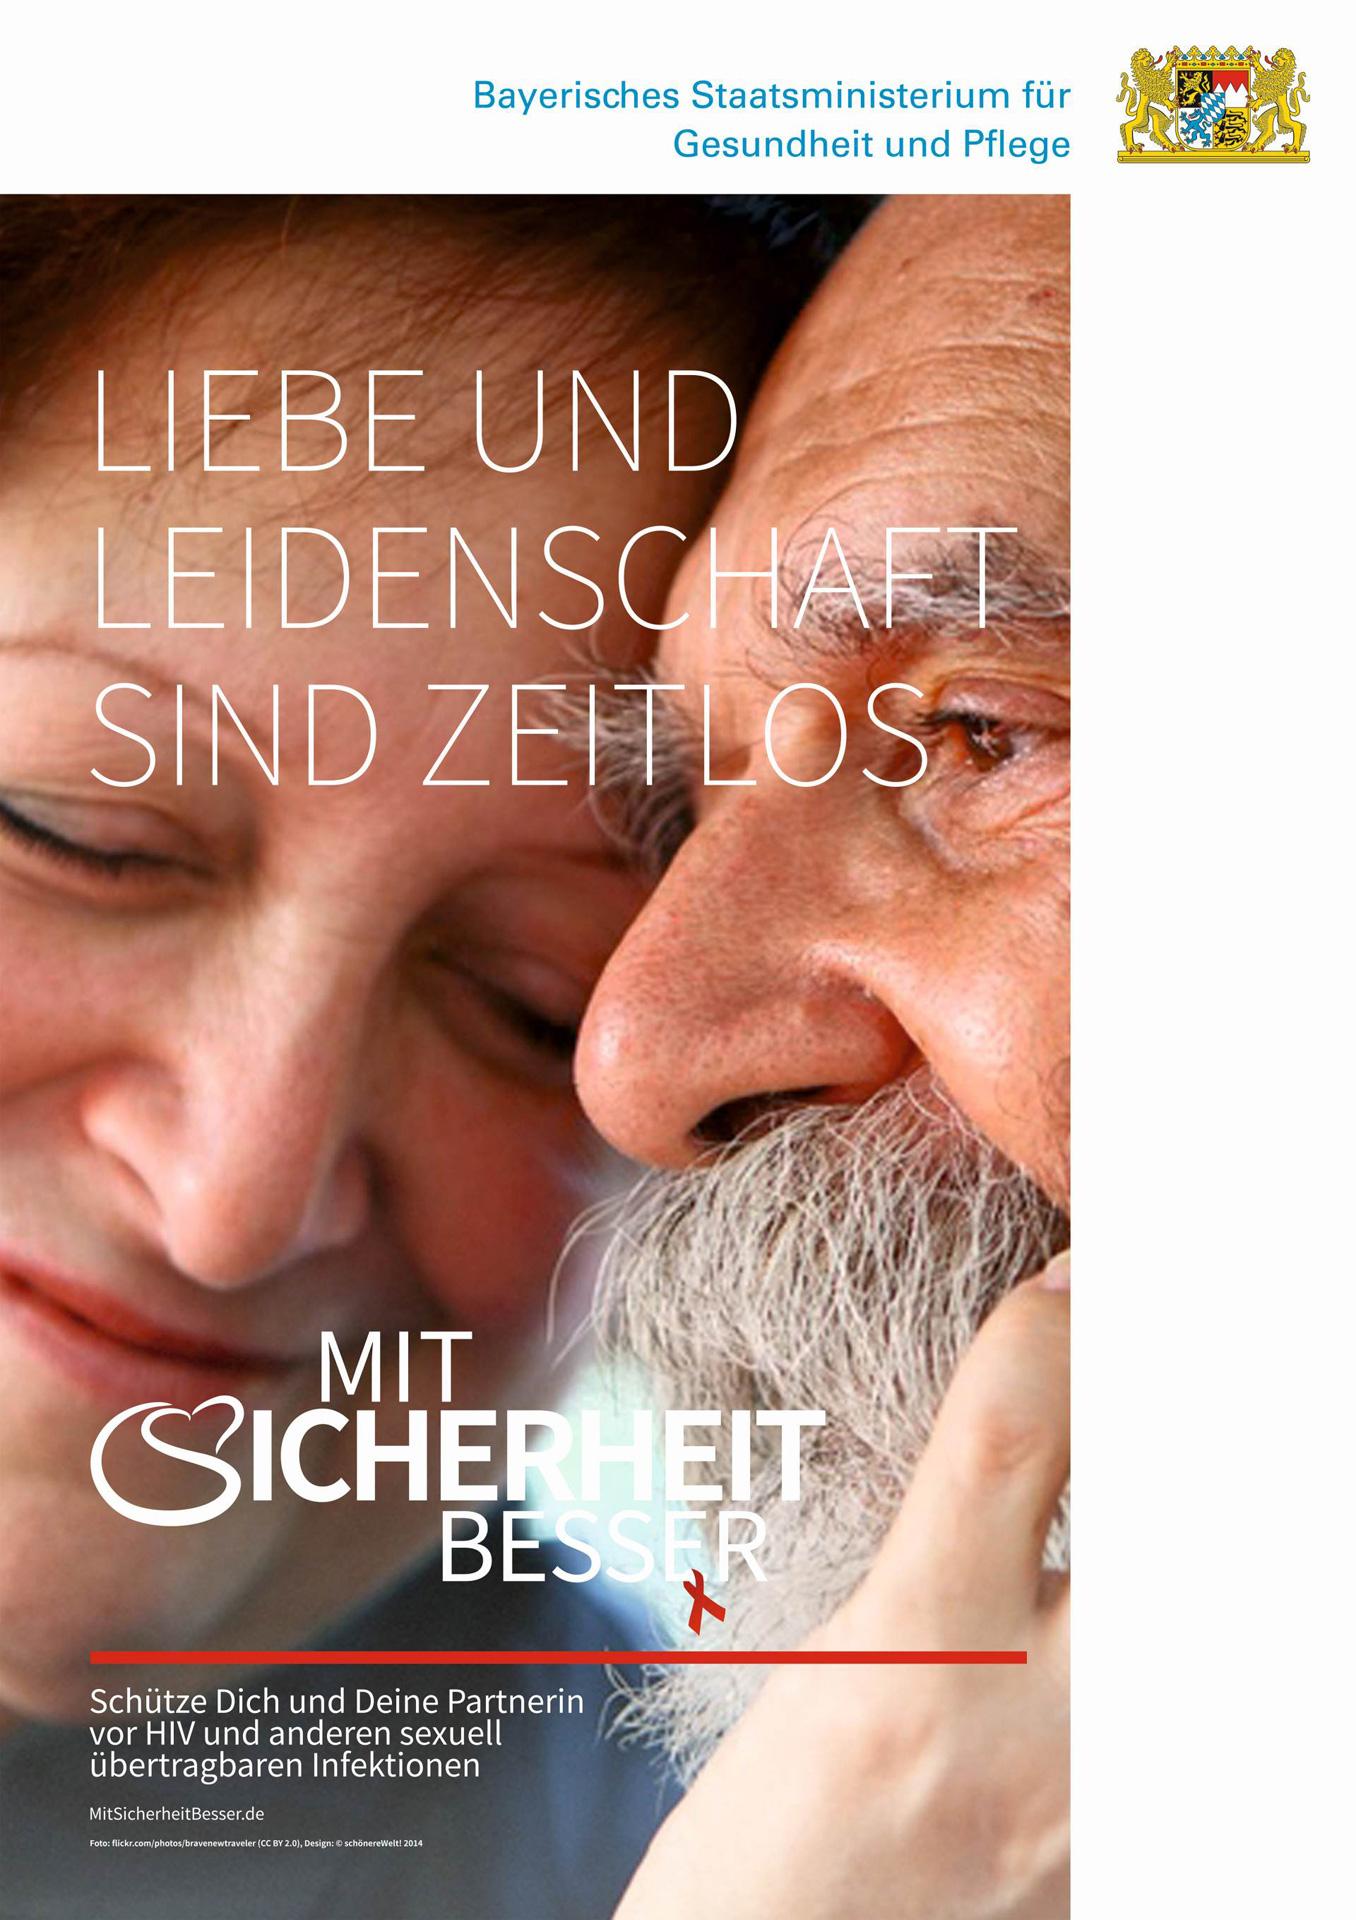 Mit-Sicherheit-Besser-A3-Poster-Couple-old-1356x1920px